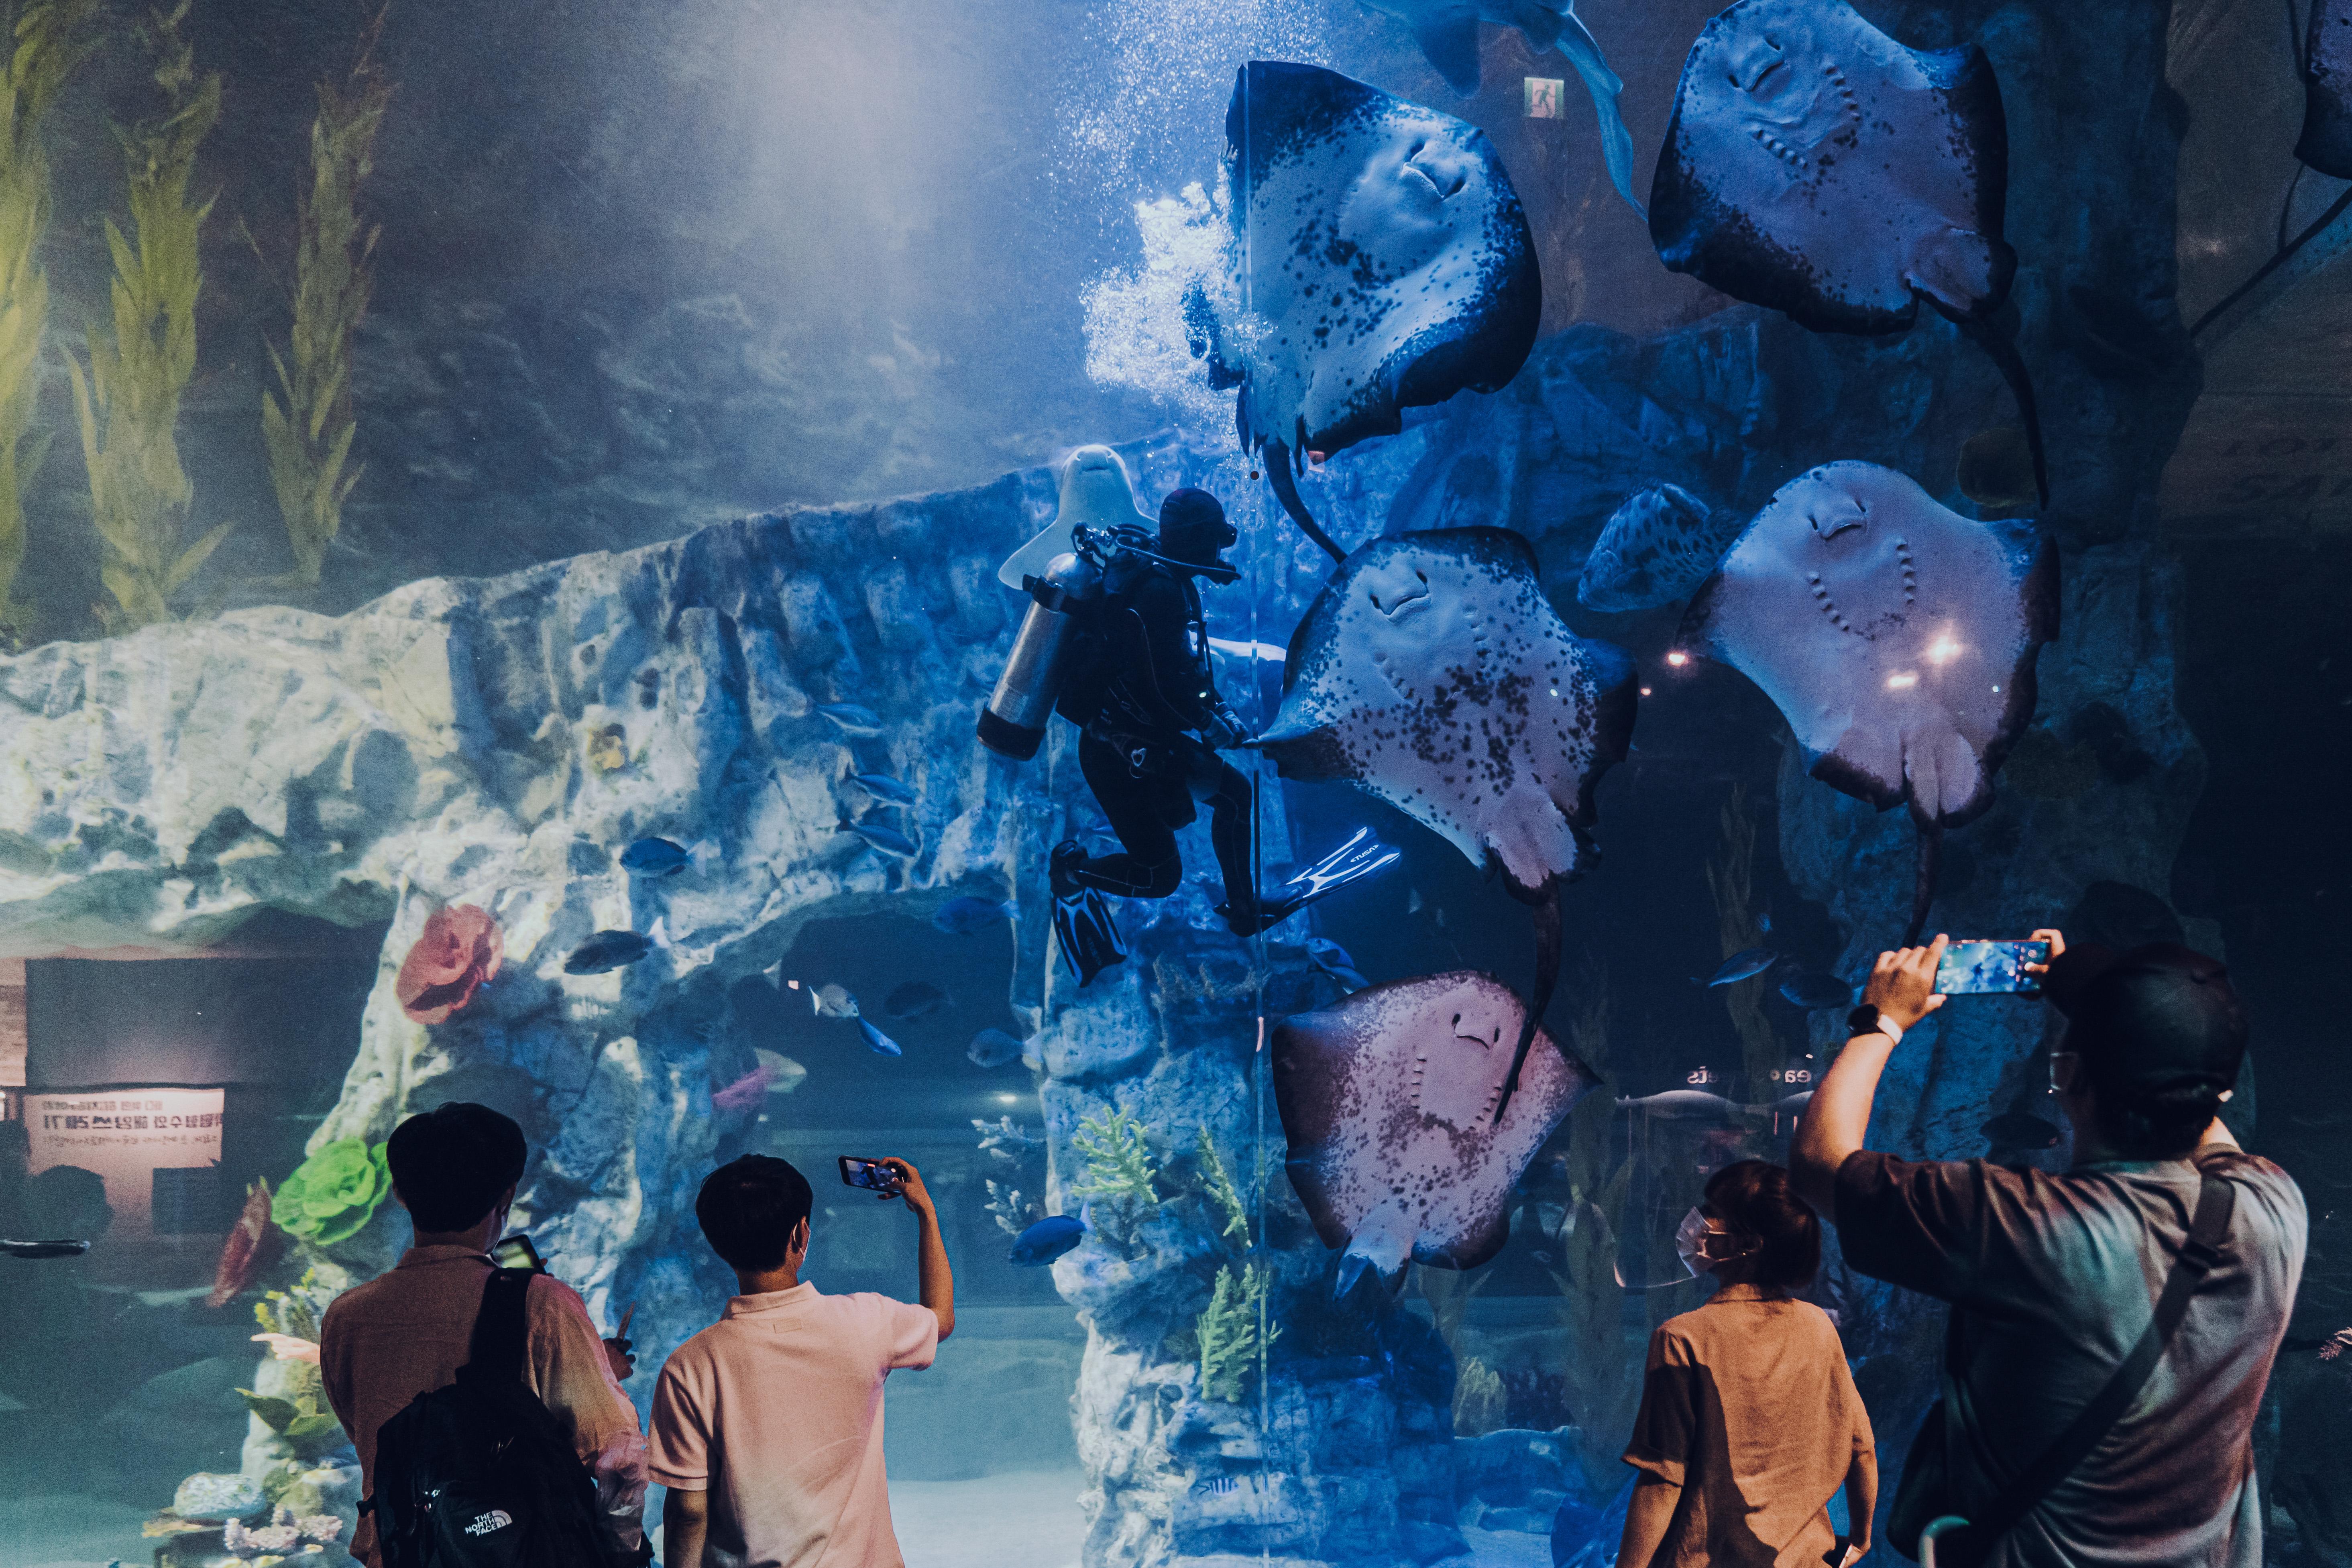 Фото людей, фотографирующих аквалангиста в большом аквариуме со скатами